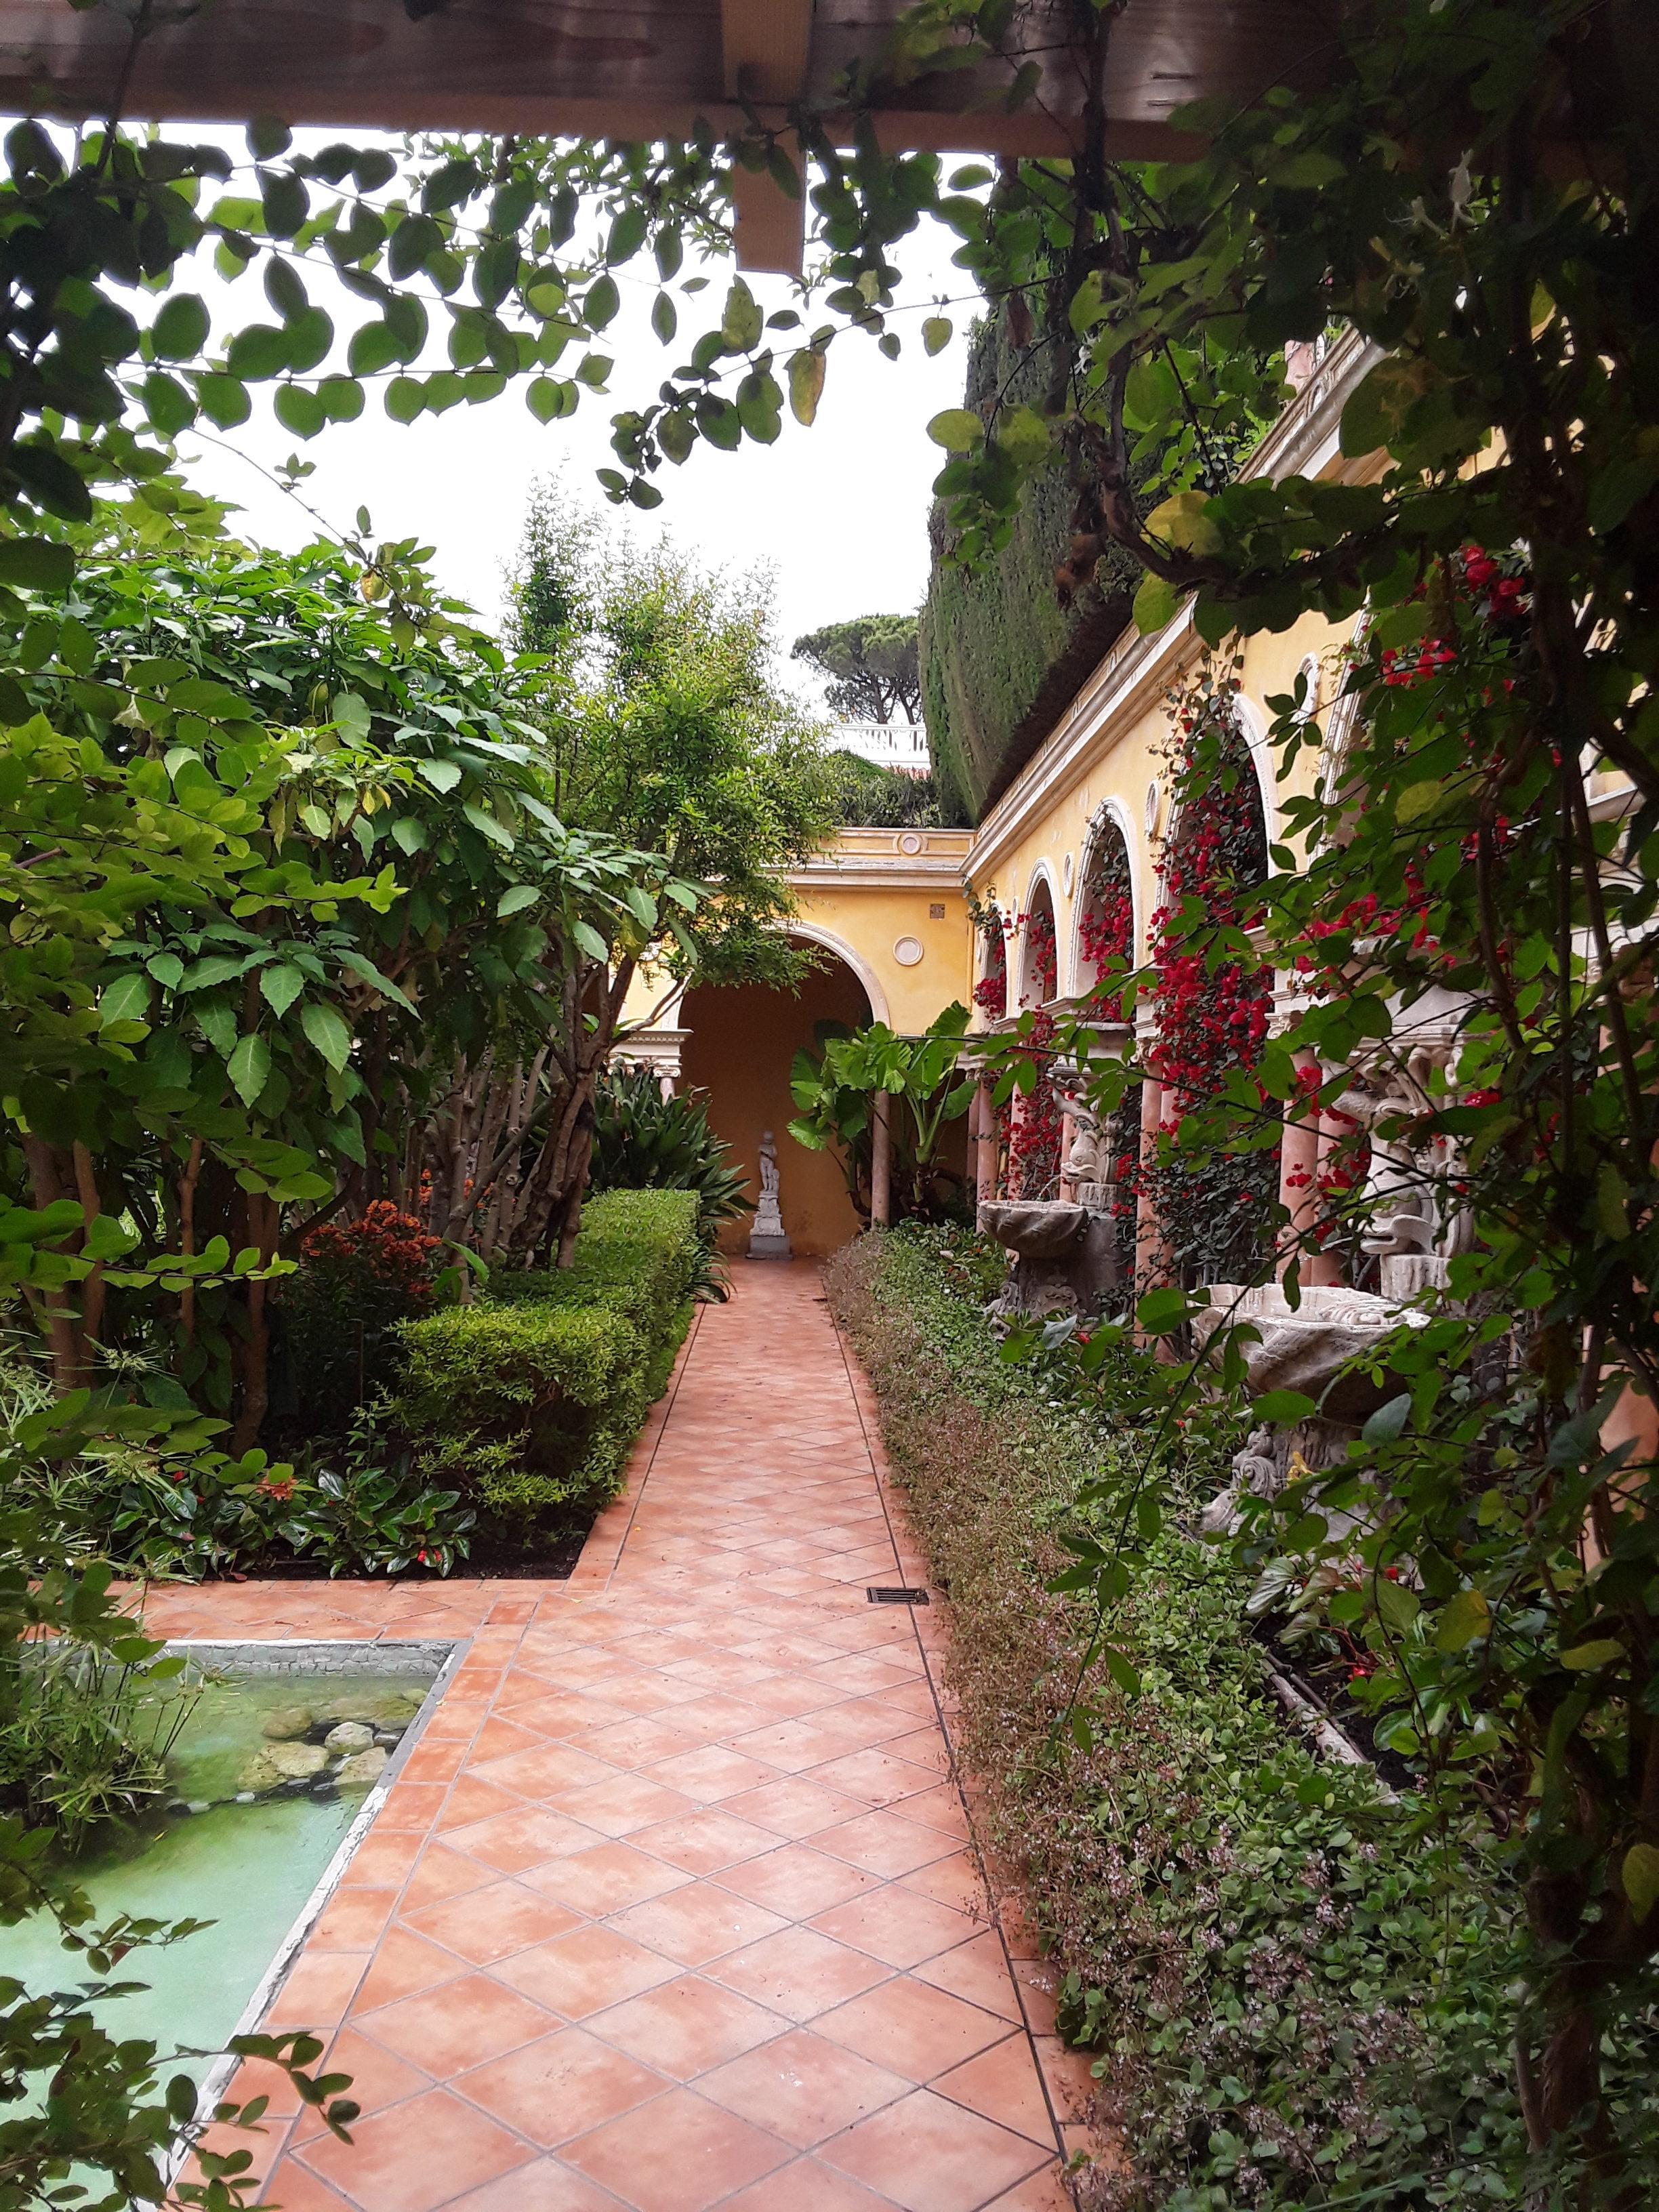 Villa Rothschild: Einladung zum Spaziergang